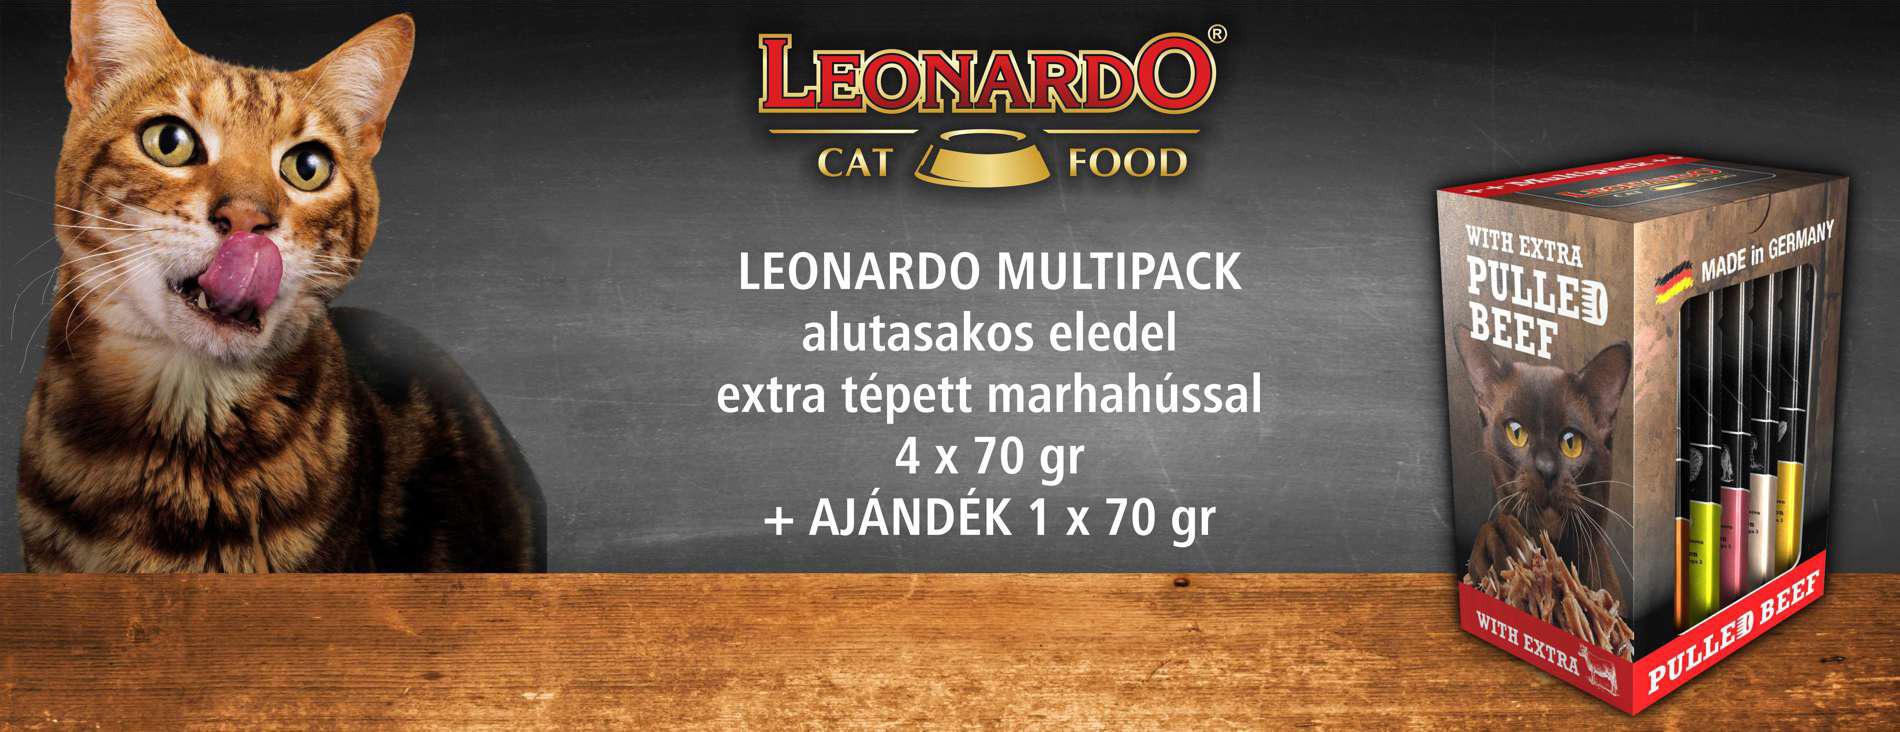 Leonardo Multipack - With Extra Pulled Beef - Alutasakos macskaeledel extra tépett marhahússal, multipack kiszerelésben